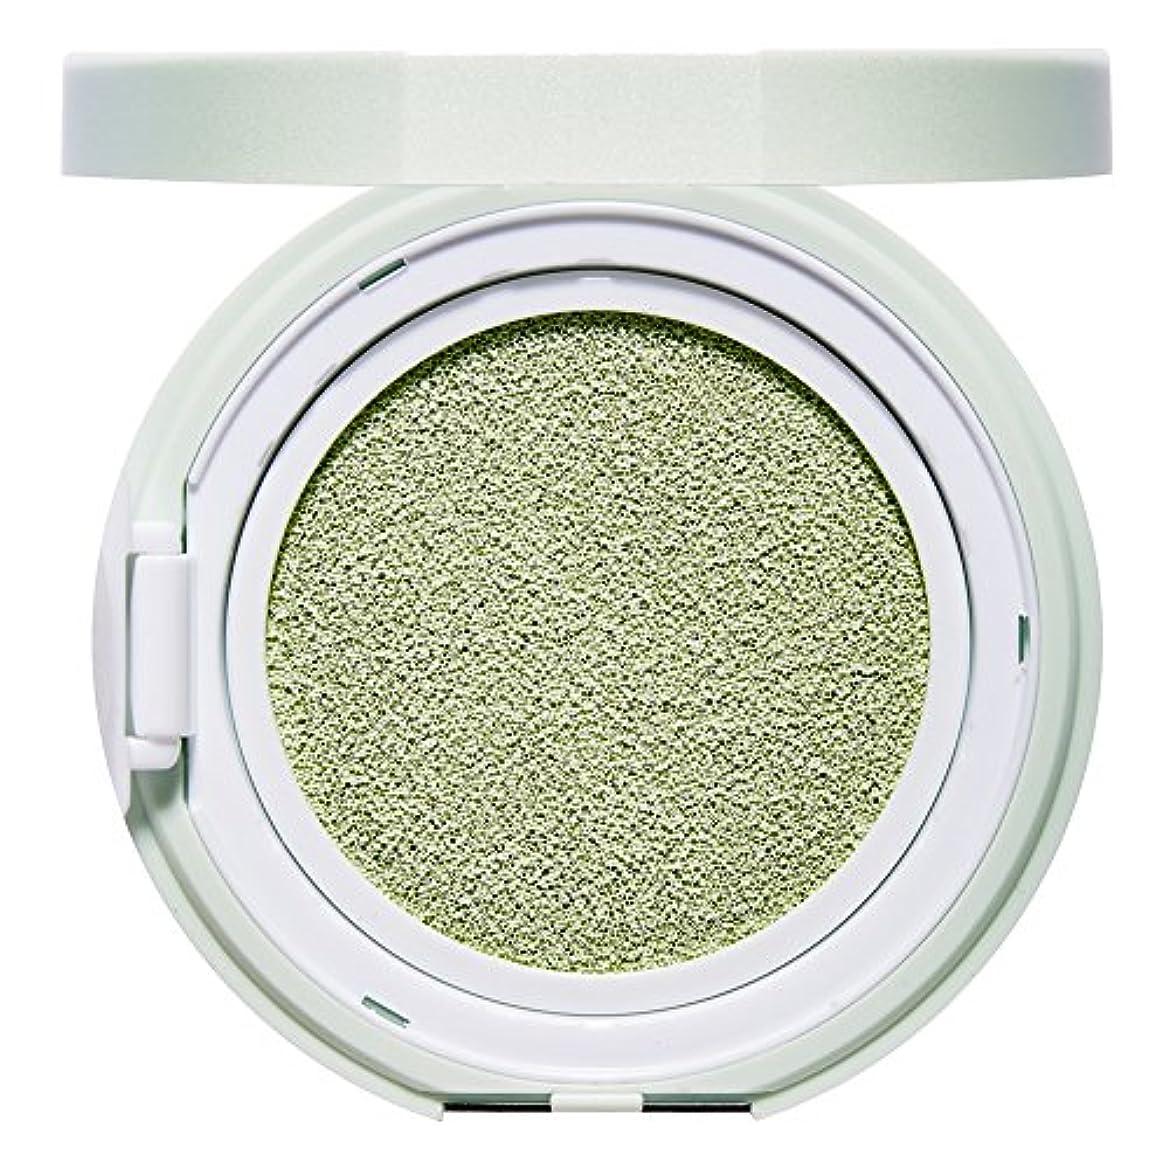 上へ矩形オフセットエチュードハウス(ETUDE HOUSE) エニークッション カラーコレクター Mint[化粧下地、コントロールカラー、緑、グリーン]